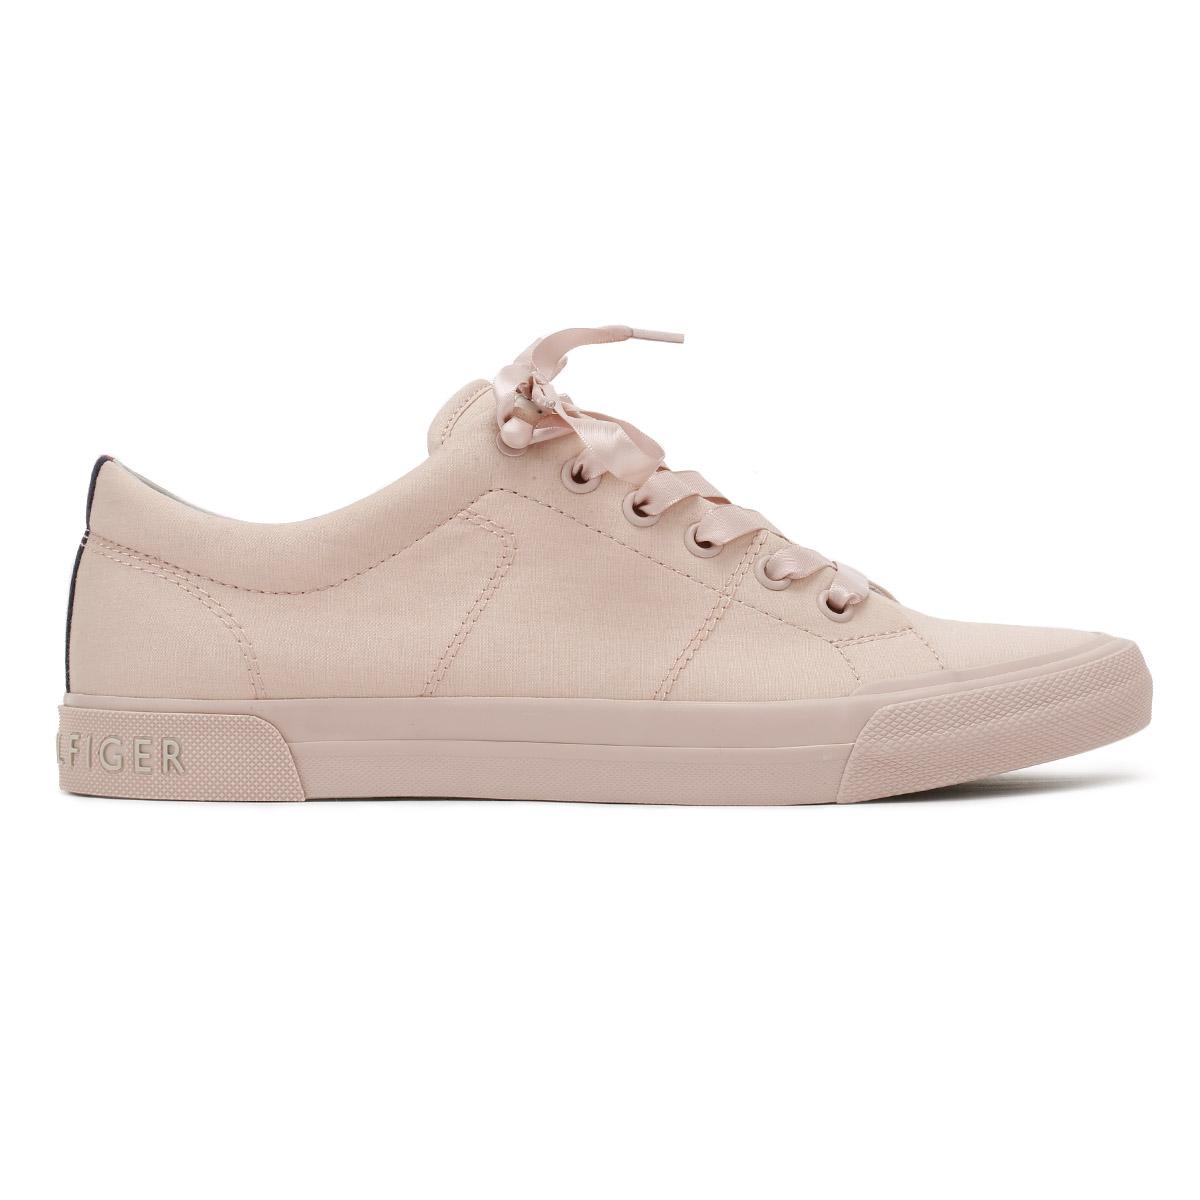 7d7b30955ea555 womens tommy hilfiger shoes crazy price d9f7a 852a5 - xigubonews.com